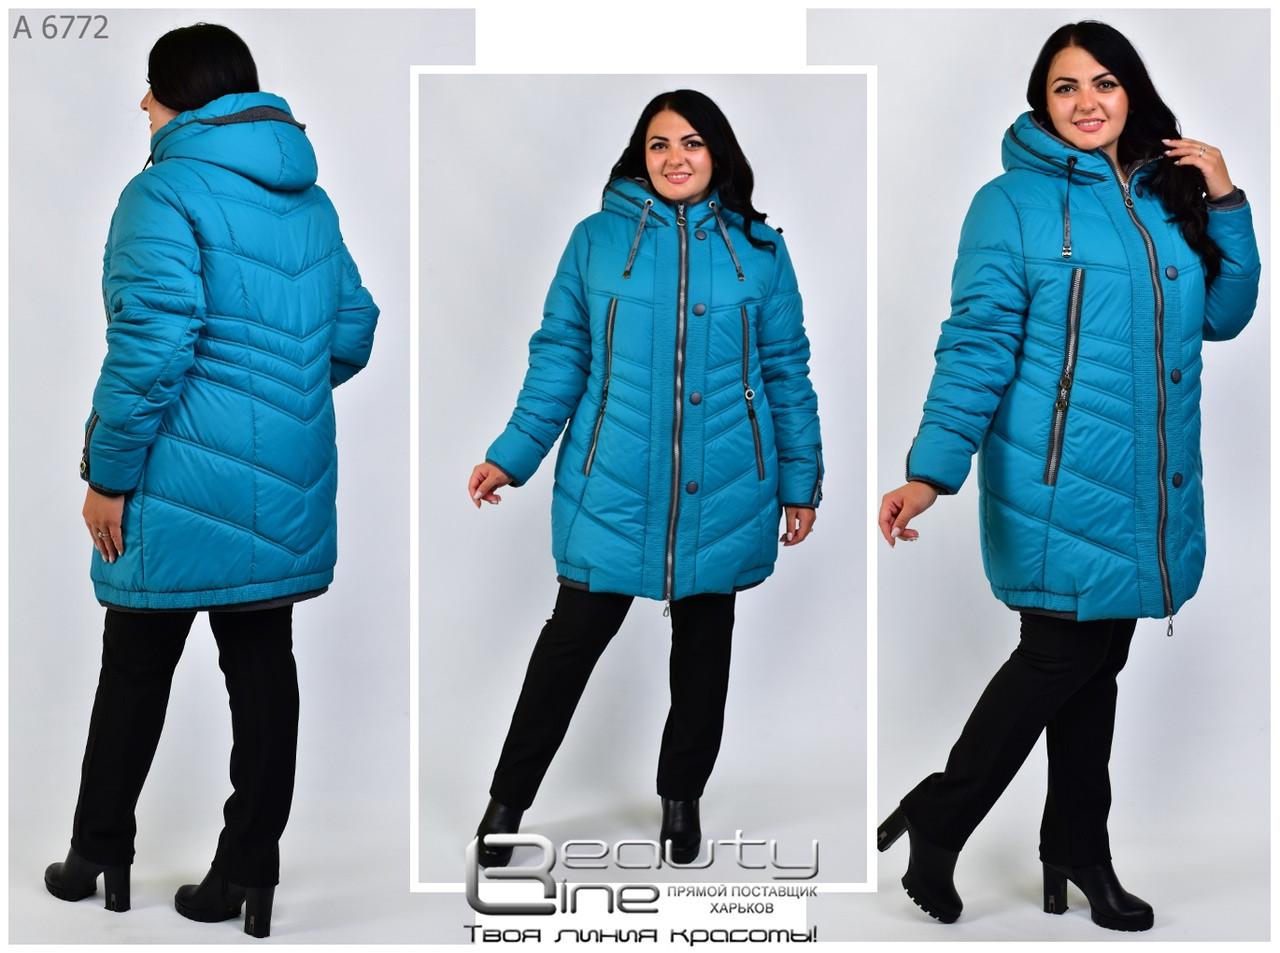 Зимняя женская куртка в большом размереРазмеры 50,52,54,56,58,60